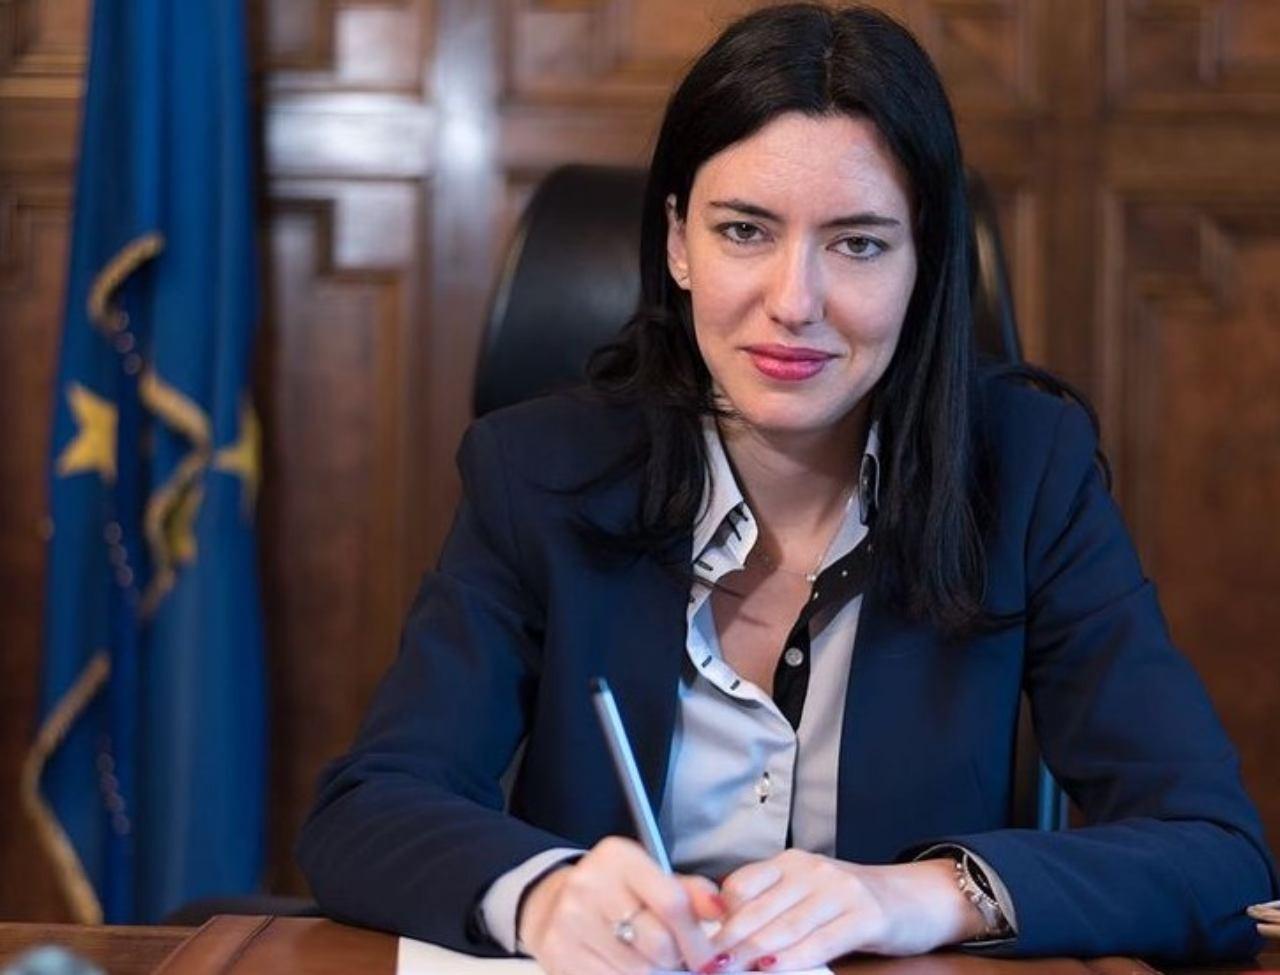 ESCLUSIVA/Intervista alla Ministra dell'Istruzione Lucia Azzolina! Giornalisti? Gli studenti del Comprensivo